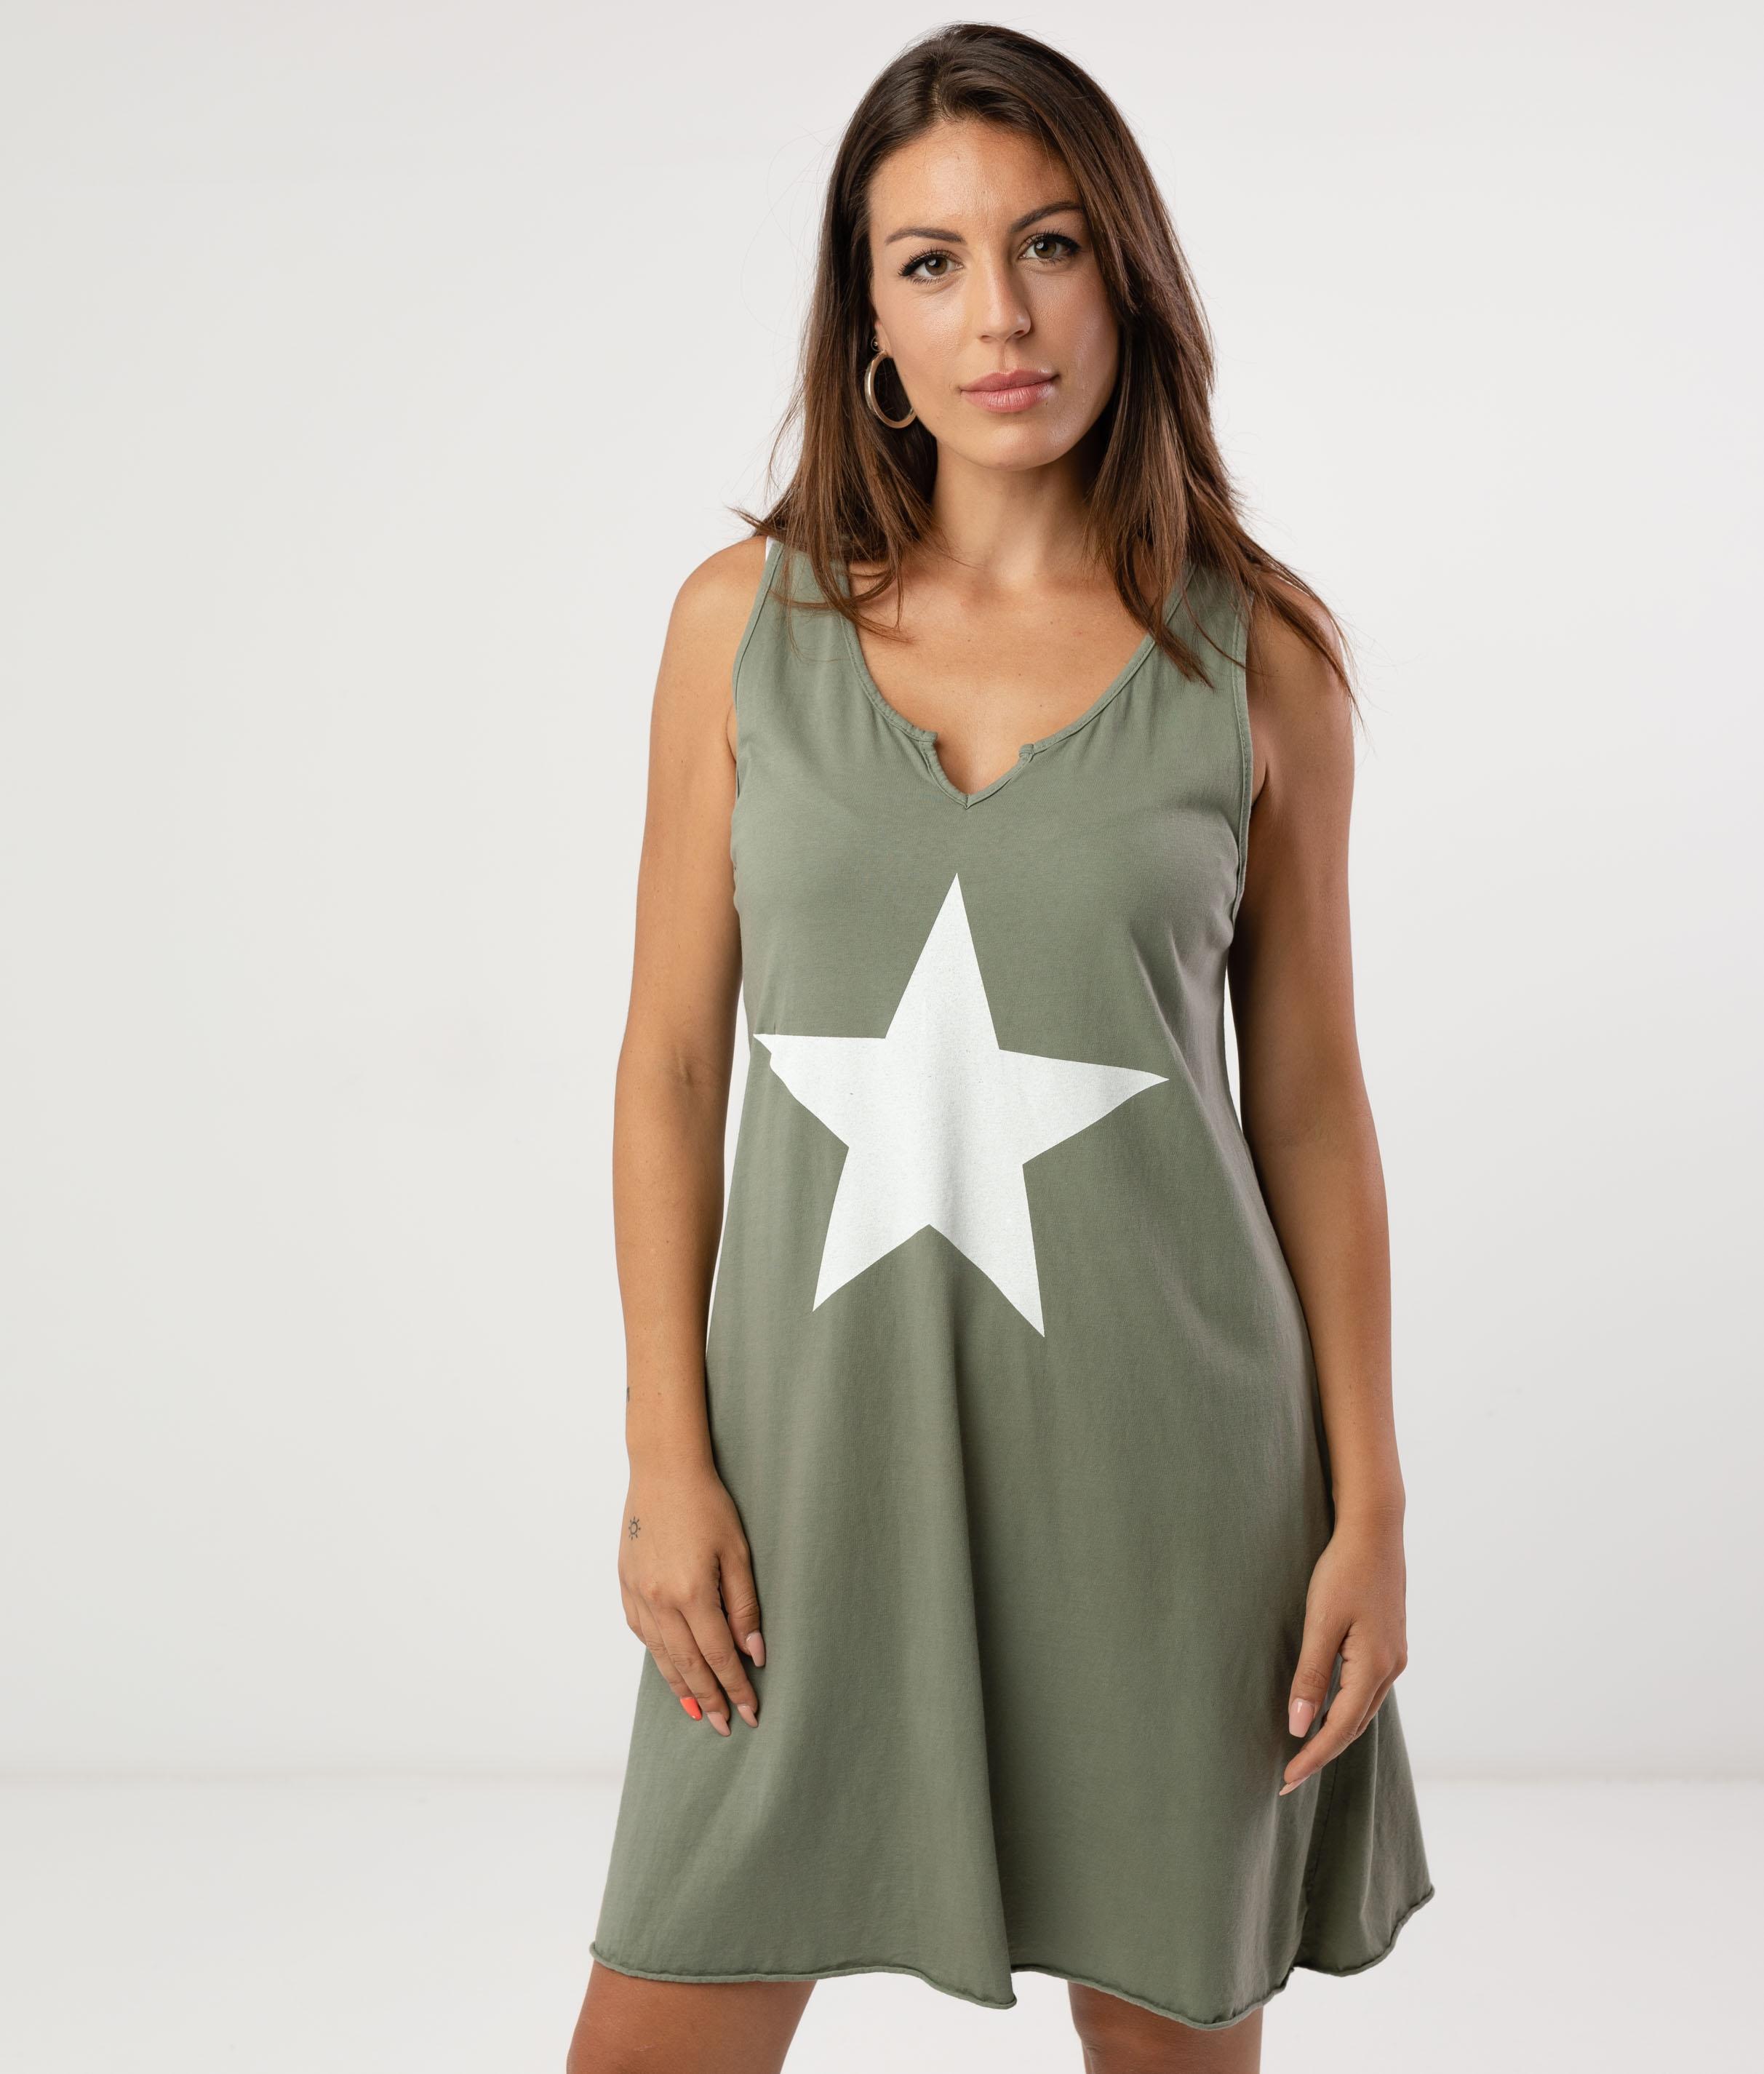 MENDRE DRESS - KHAKI